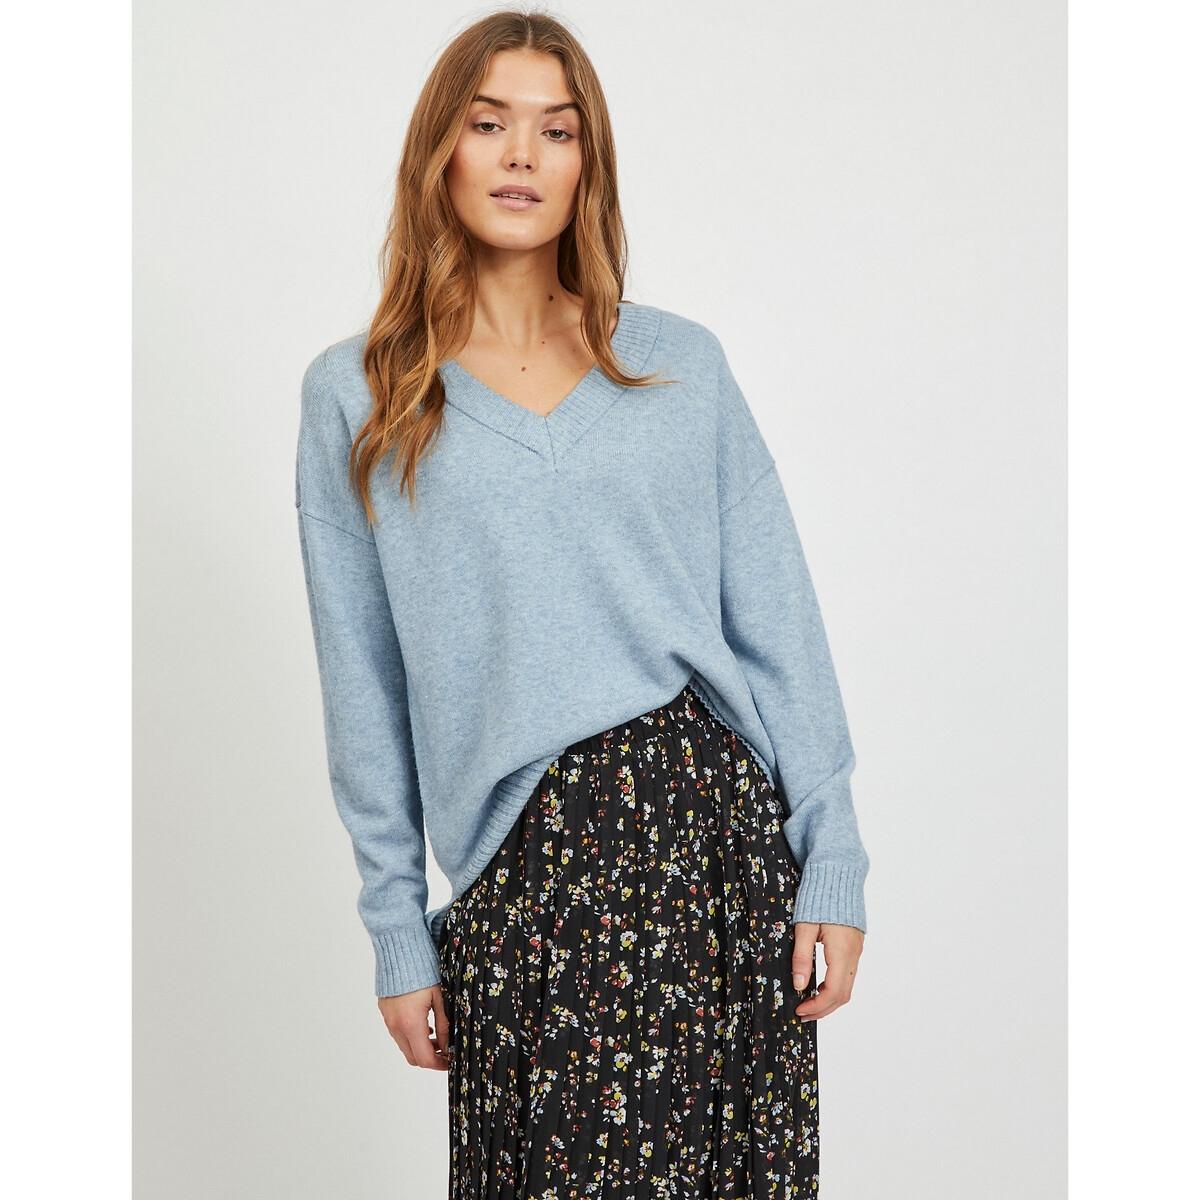 Фото - Пуловер LaRedoute Широкий v-образный вырез из тонкого трикотажа S синий пуловер laredoute крупной вязки s синий